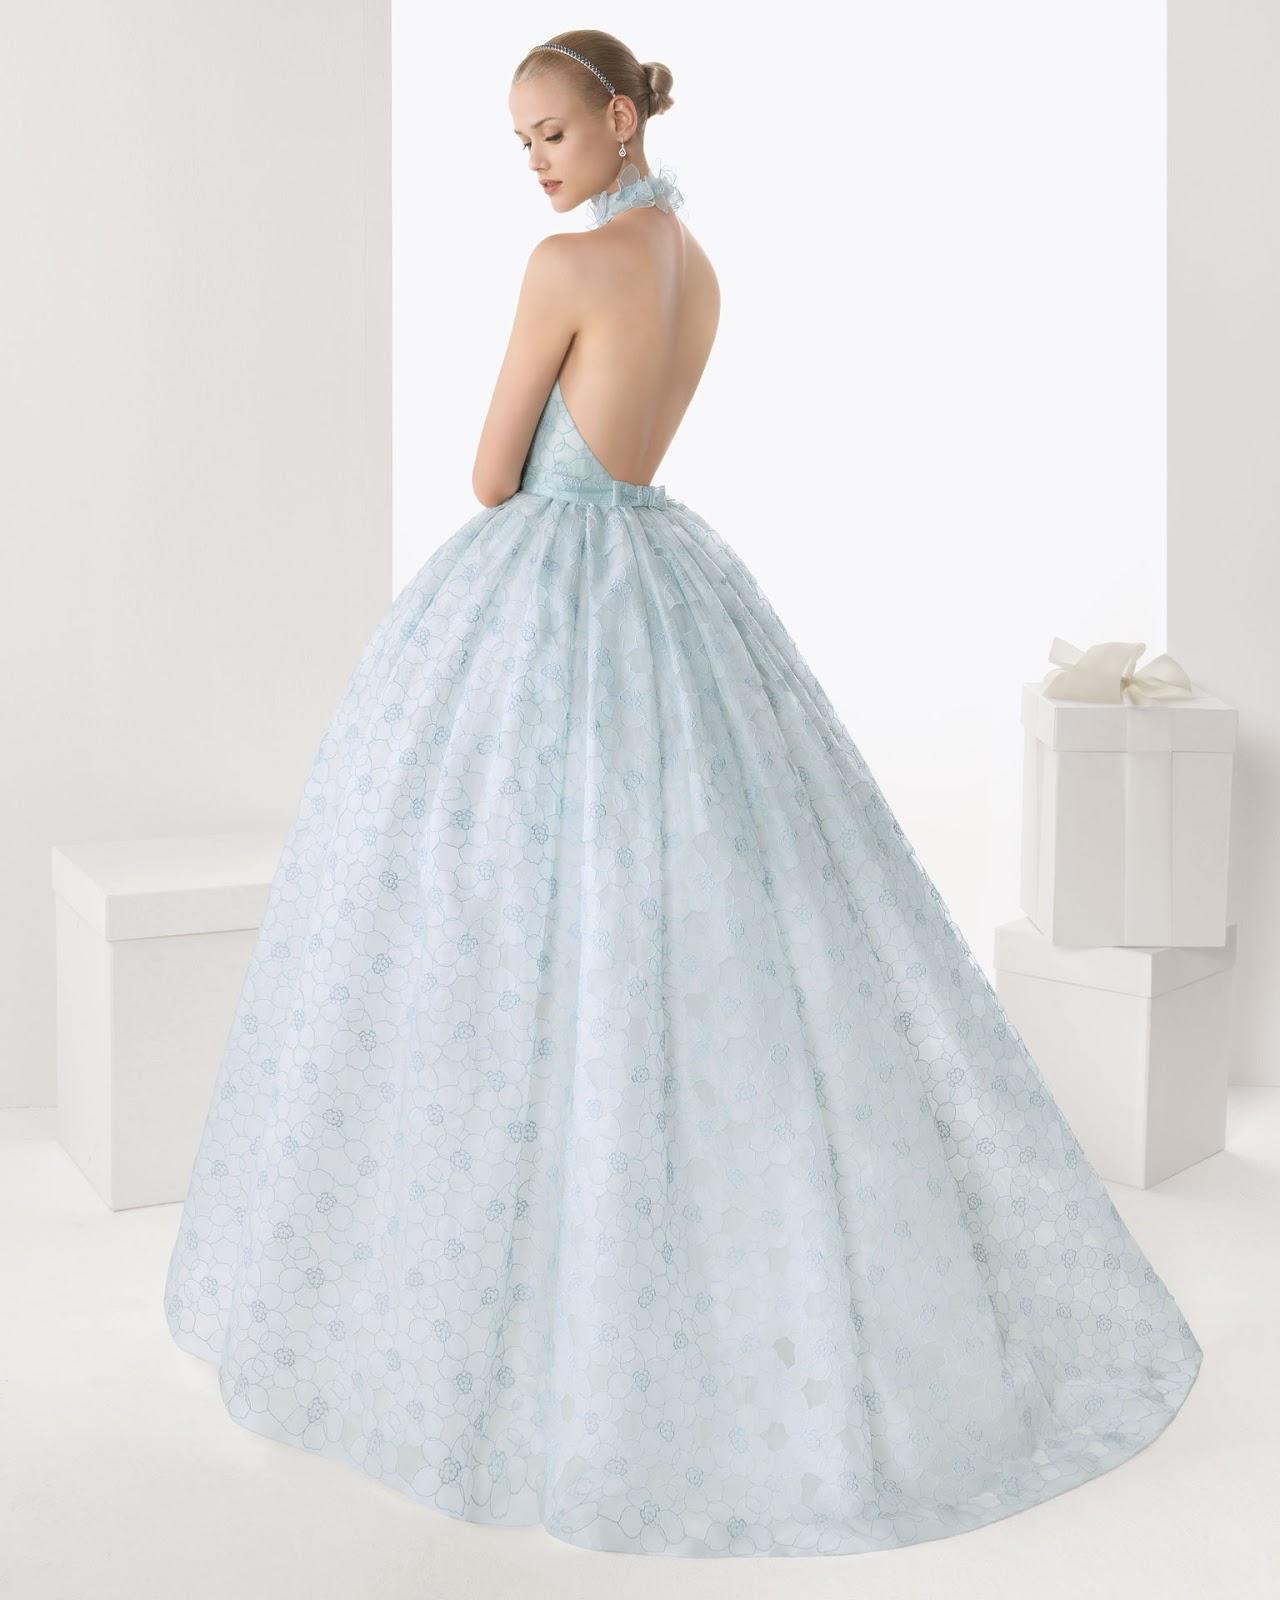 Ziemlich Vestidos Novia Auslass Madrid Ideen - Brautkleider Ideen ...